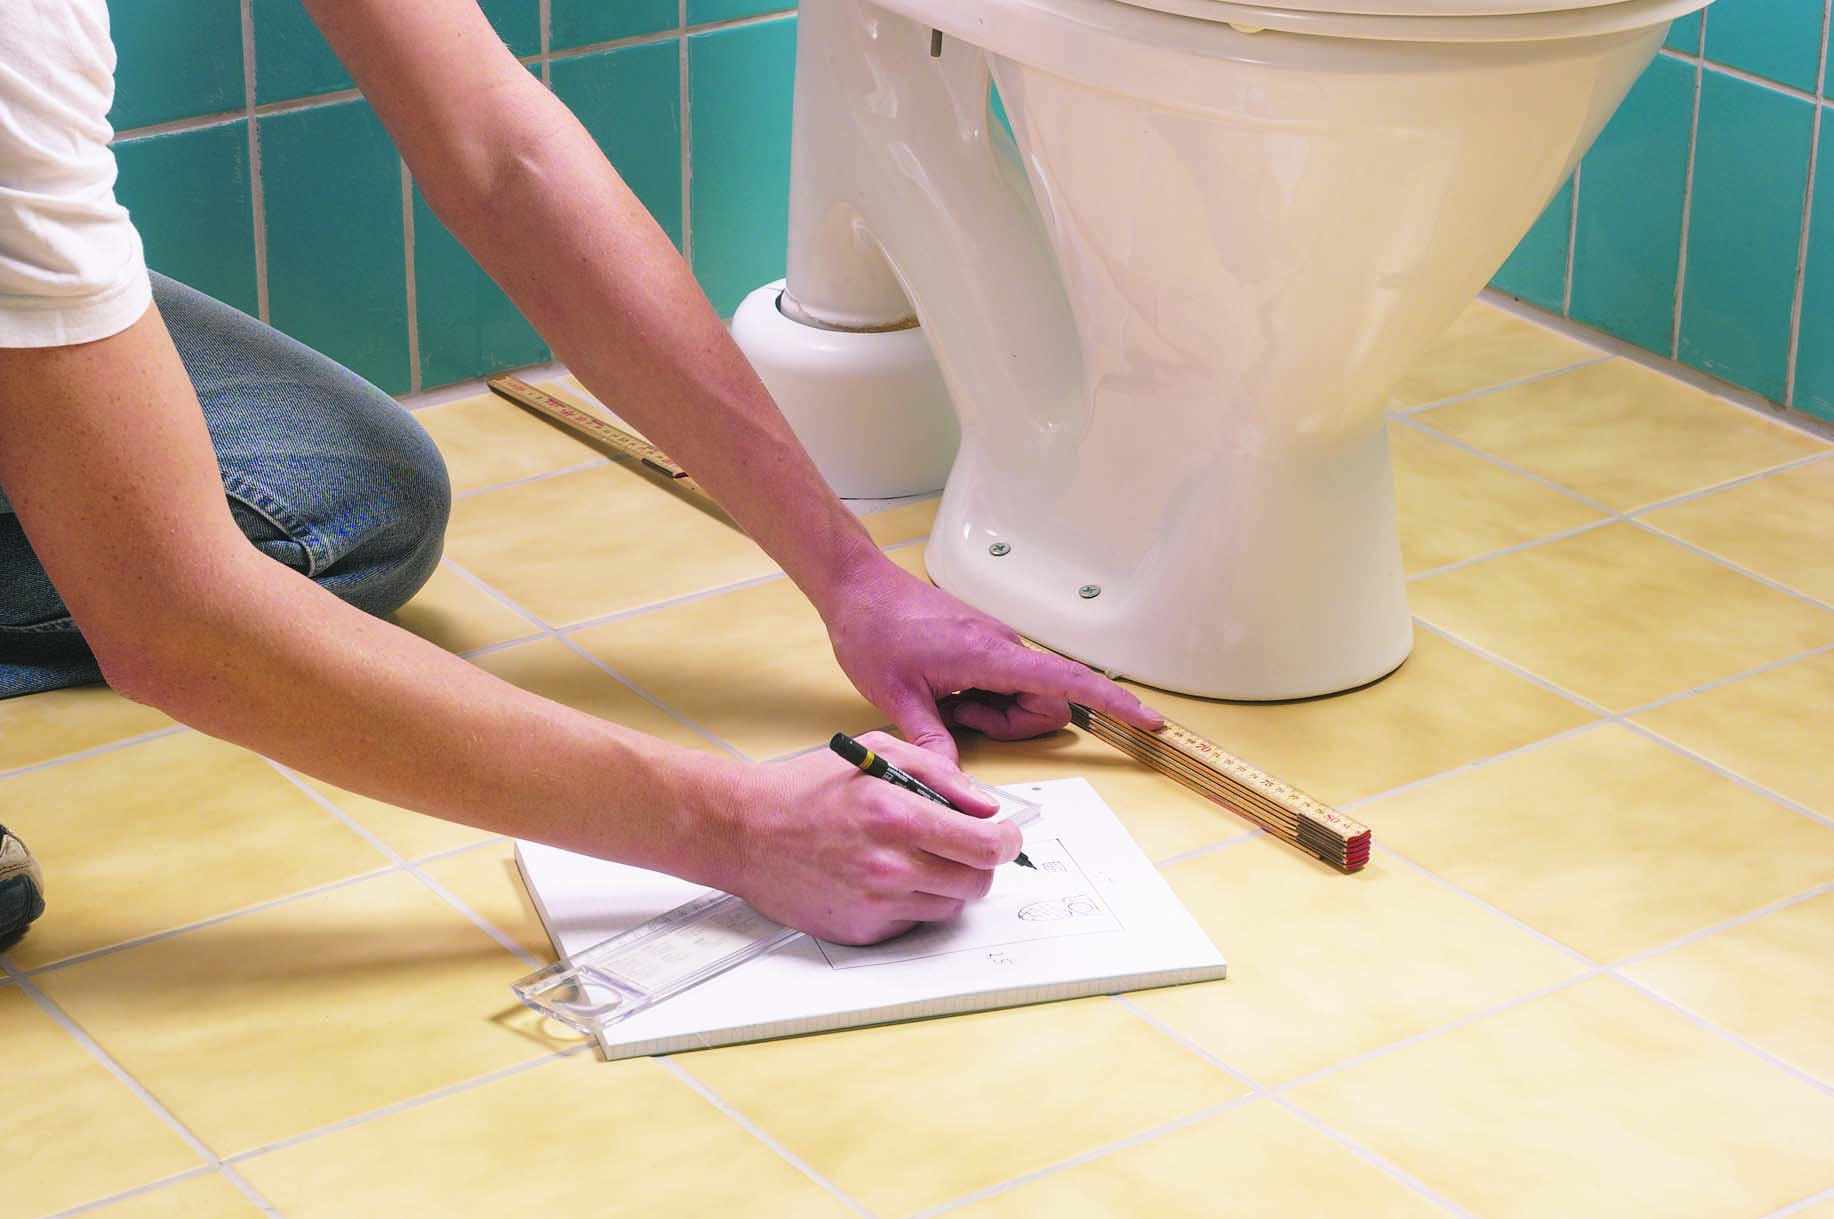 Инструкция по установке унитаза своими руками фото 763